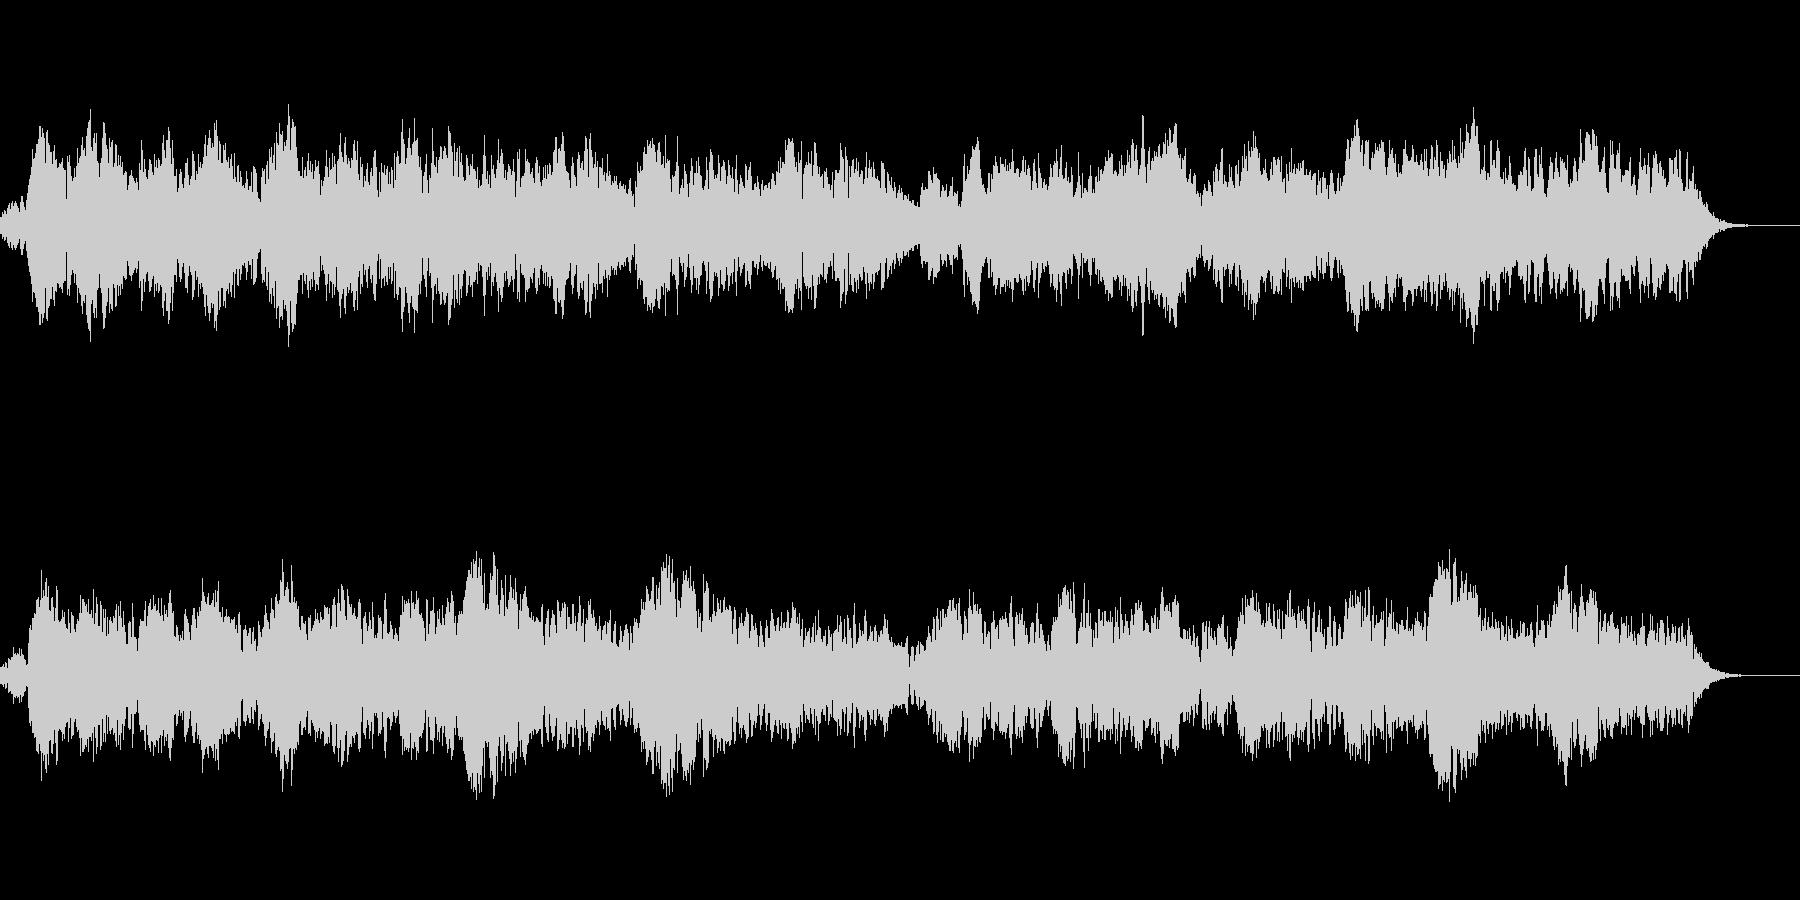 ヒーリング感のある優しい音色のBGMの未再生の波形